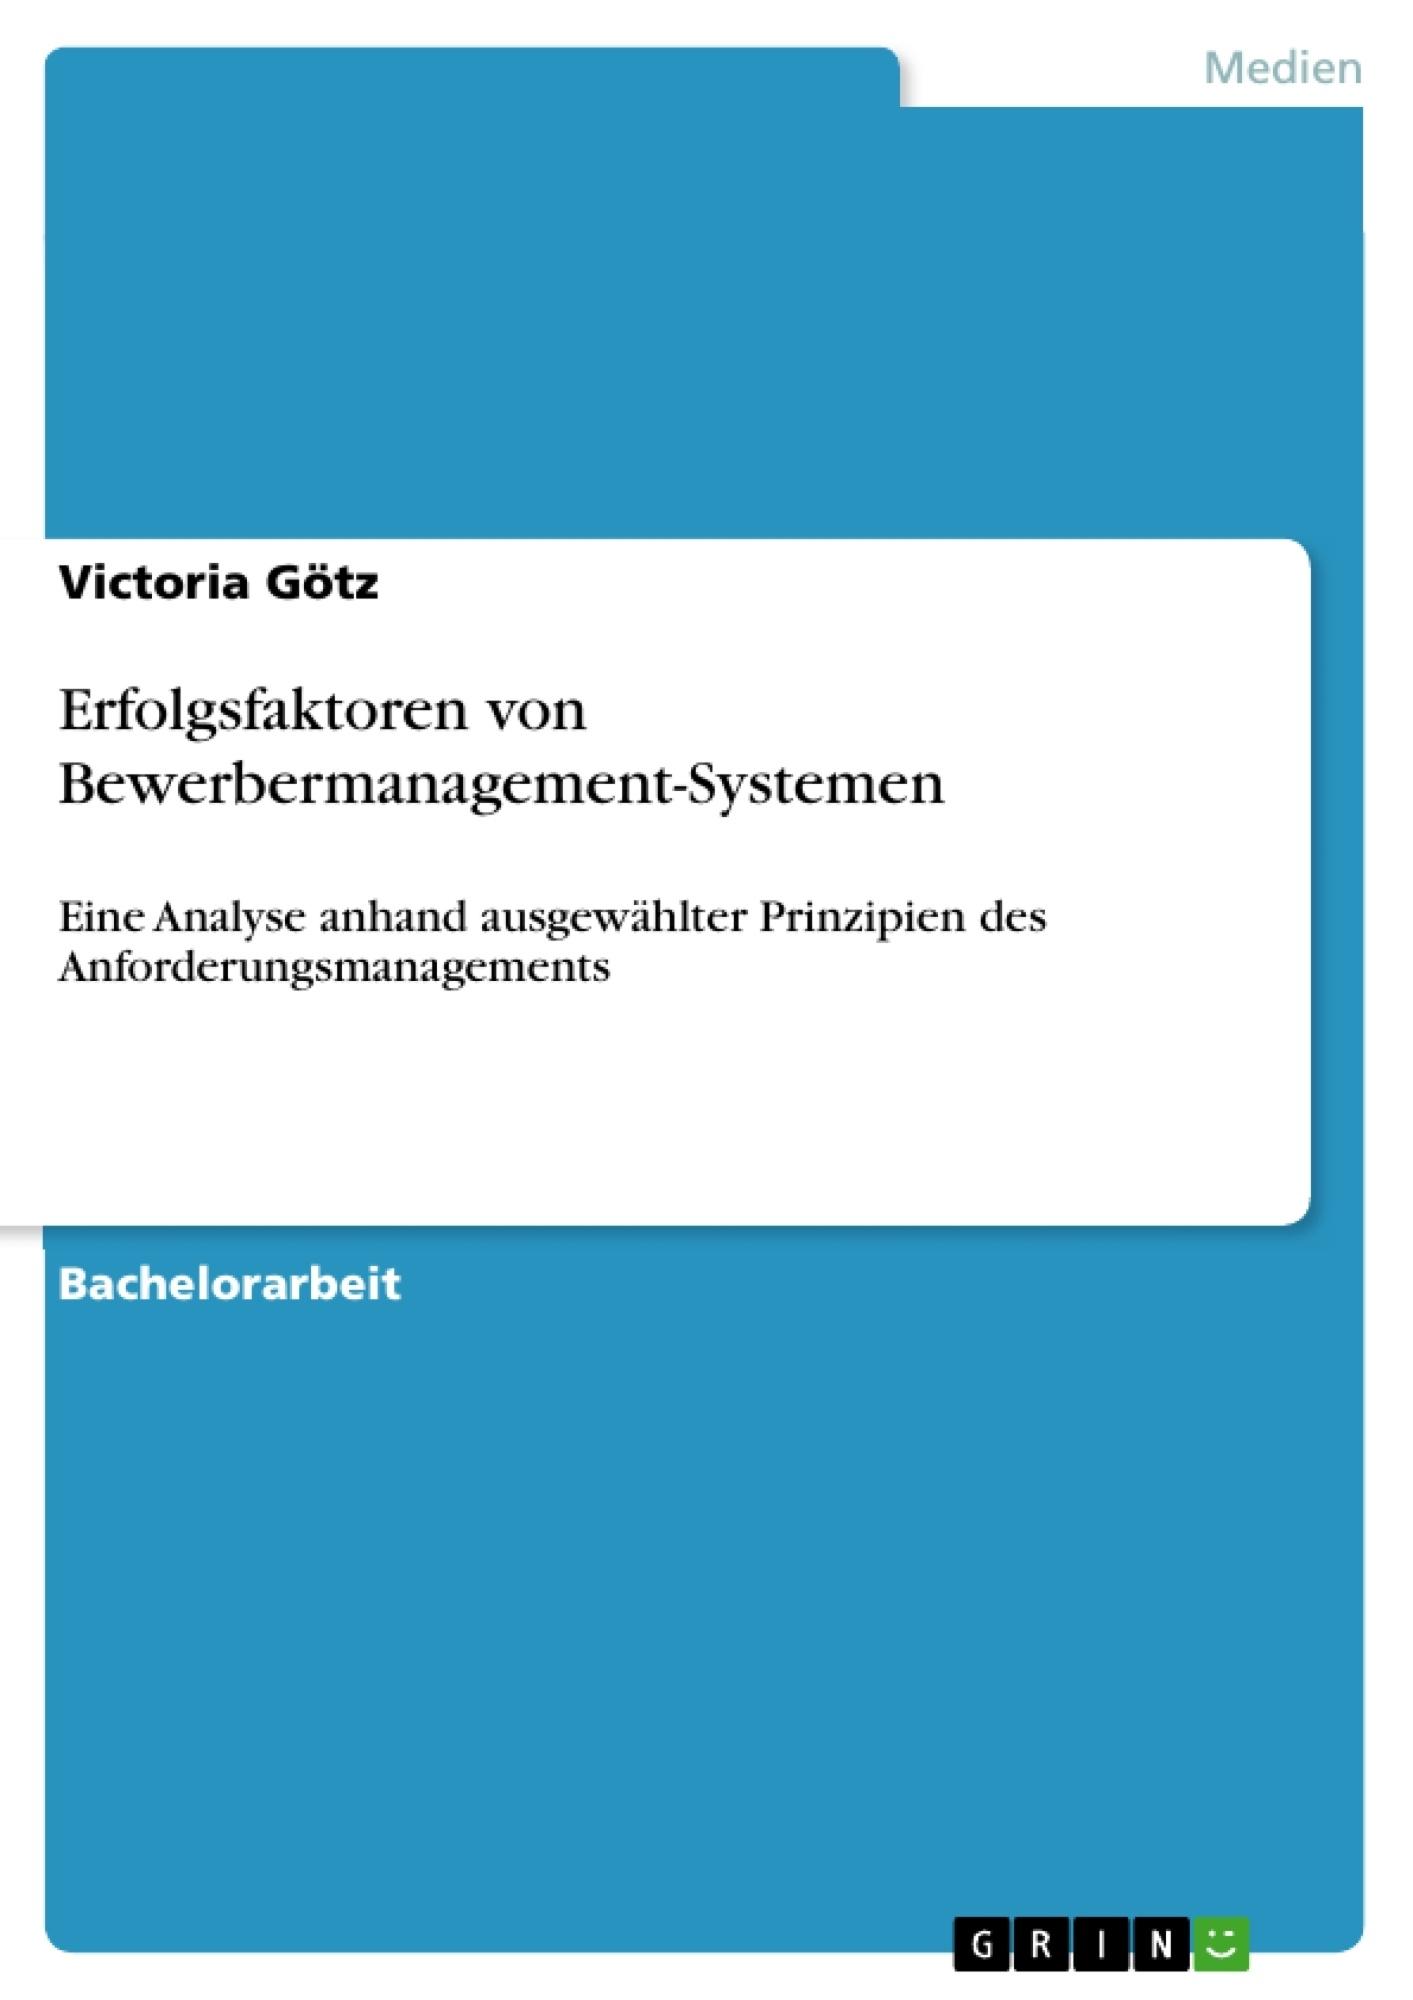 Titel: Erfolgsfaktoren von Bewerbermanagement-Systemen